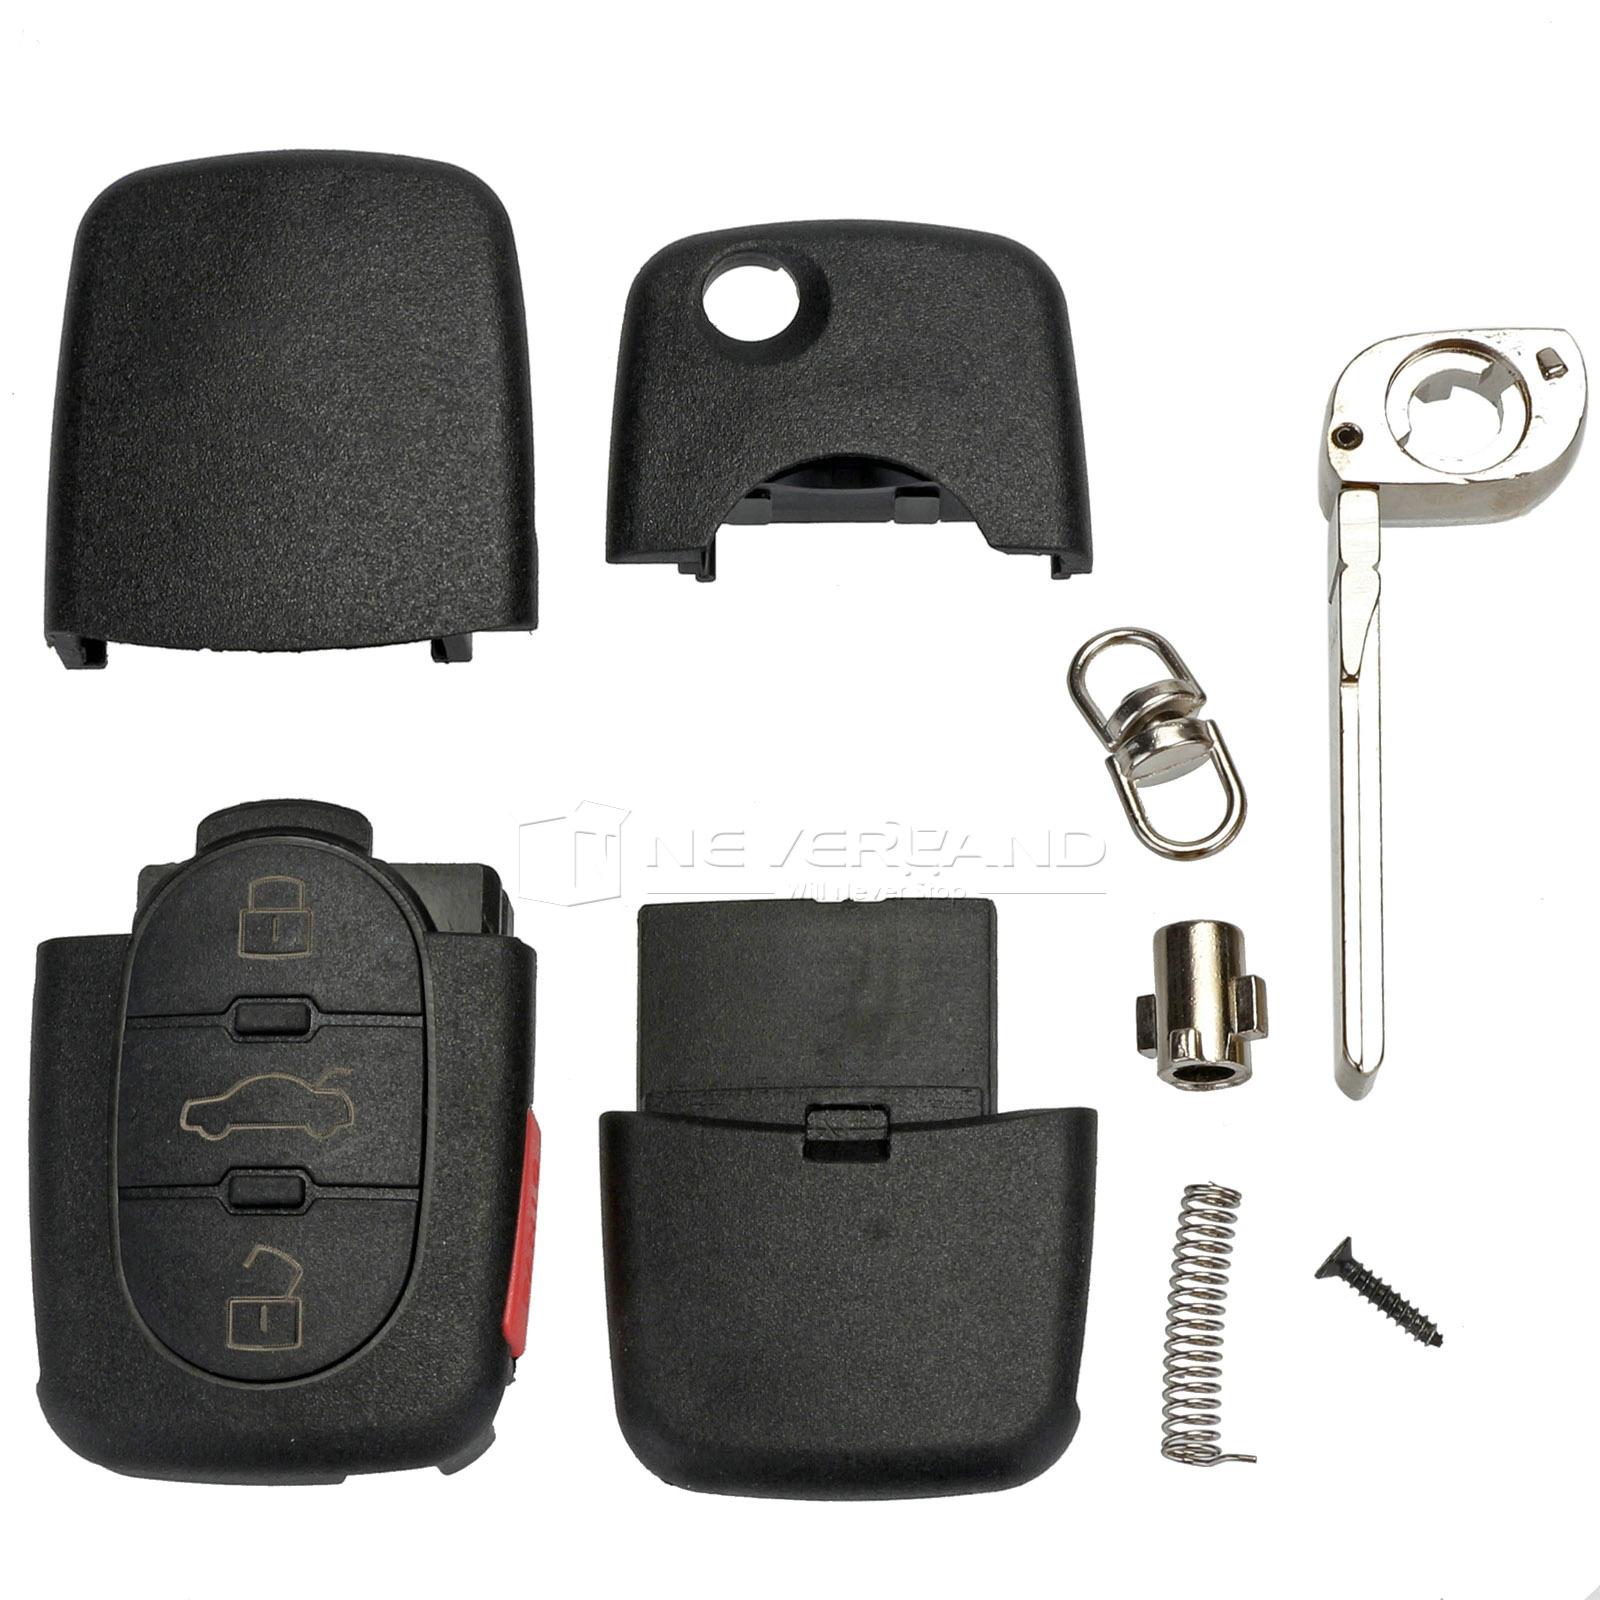 Flip Remote Key Shell Fit For Audi A2 A3 A4 A6 A8 TT Uncut